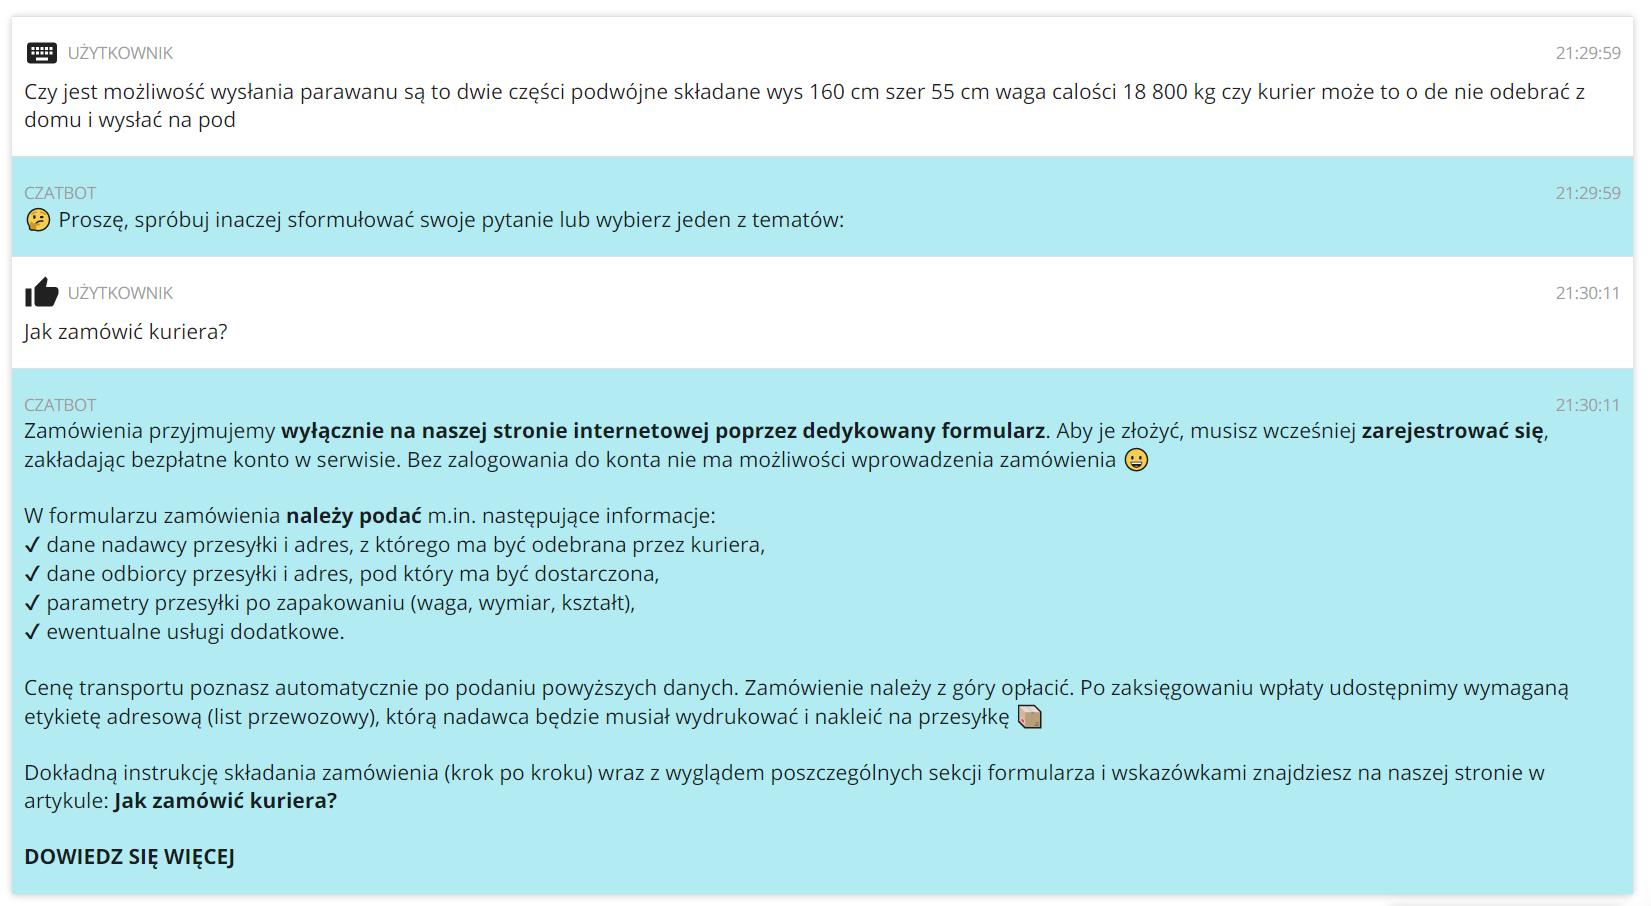 Co zrobić, kiedy czatbot na Furgonetka.pl nie zrozumie pytania?